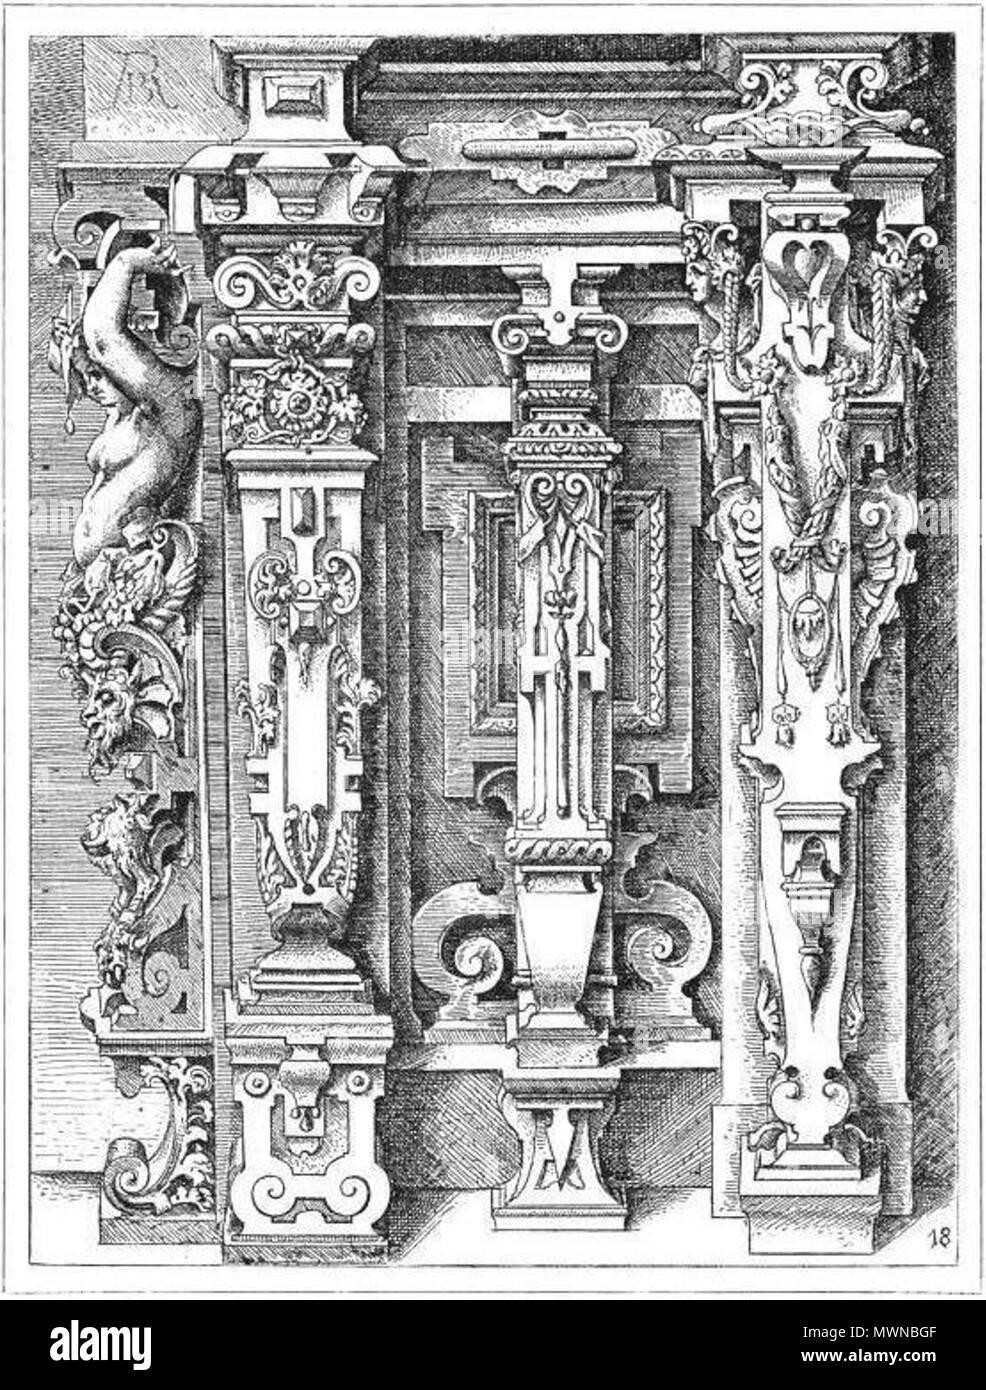 . 'Pilastres, gaines, par W. Dietterlin'. 1861. Wendel Dietterlin (fac-simile) 485 Pilastres, gaines ioniques (Dietterlin, pl. 100) - Stock Image